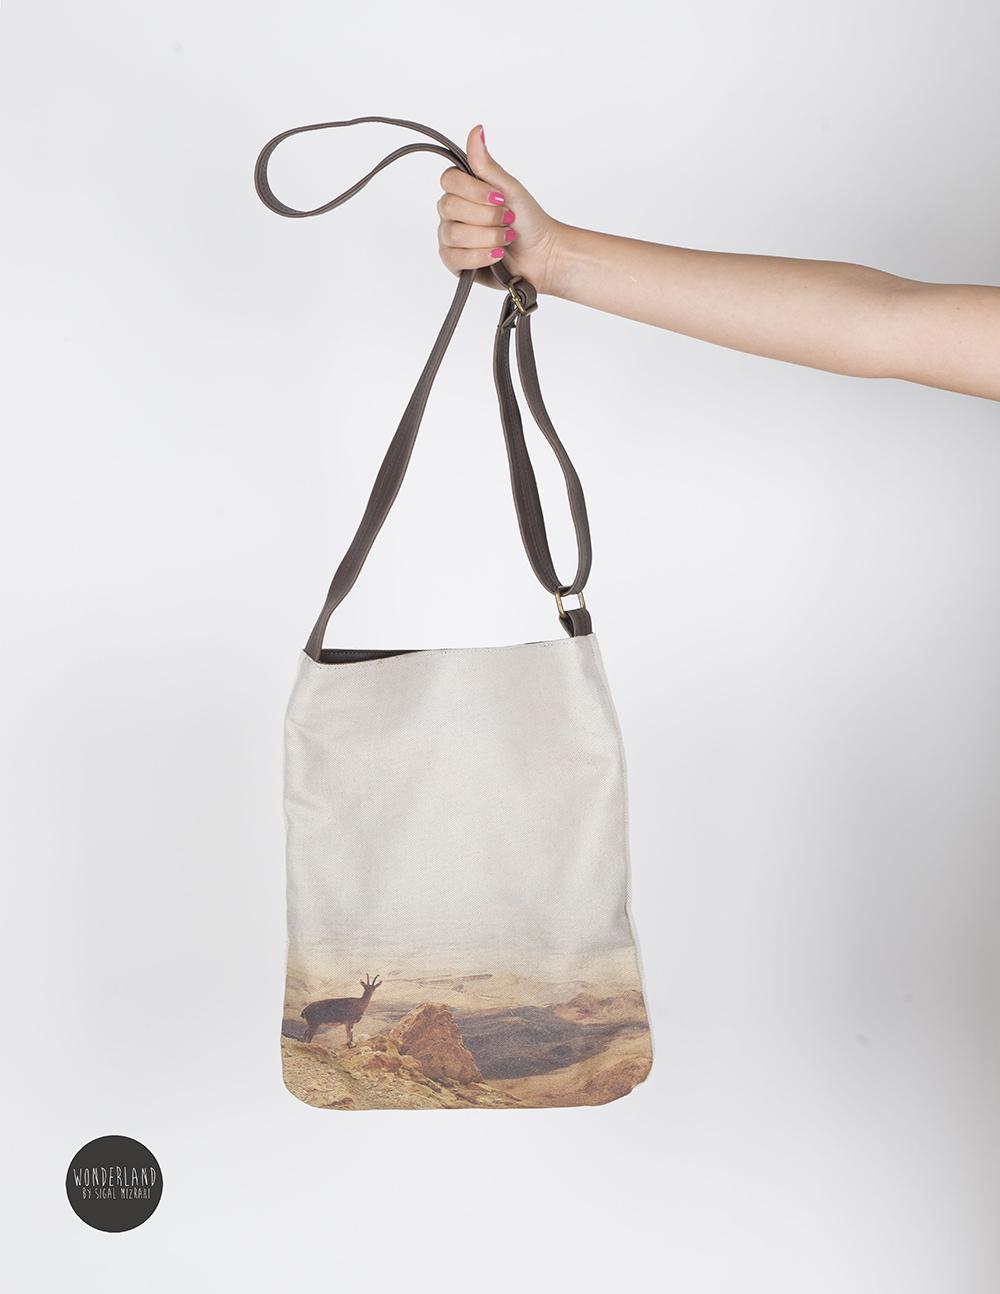 DESERT printed crossbody tote bag